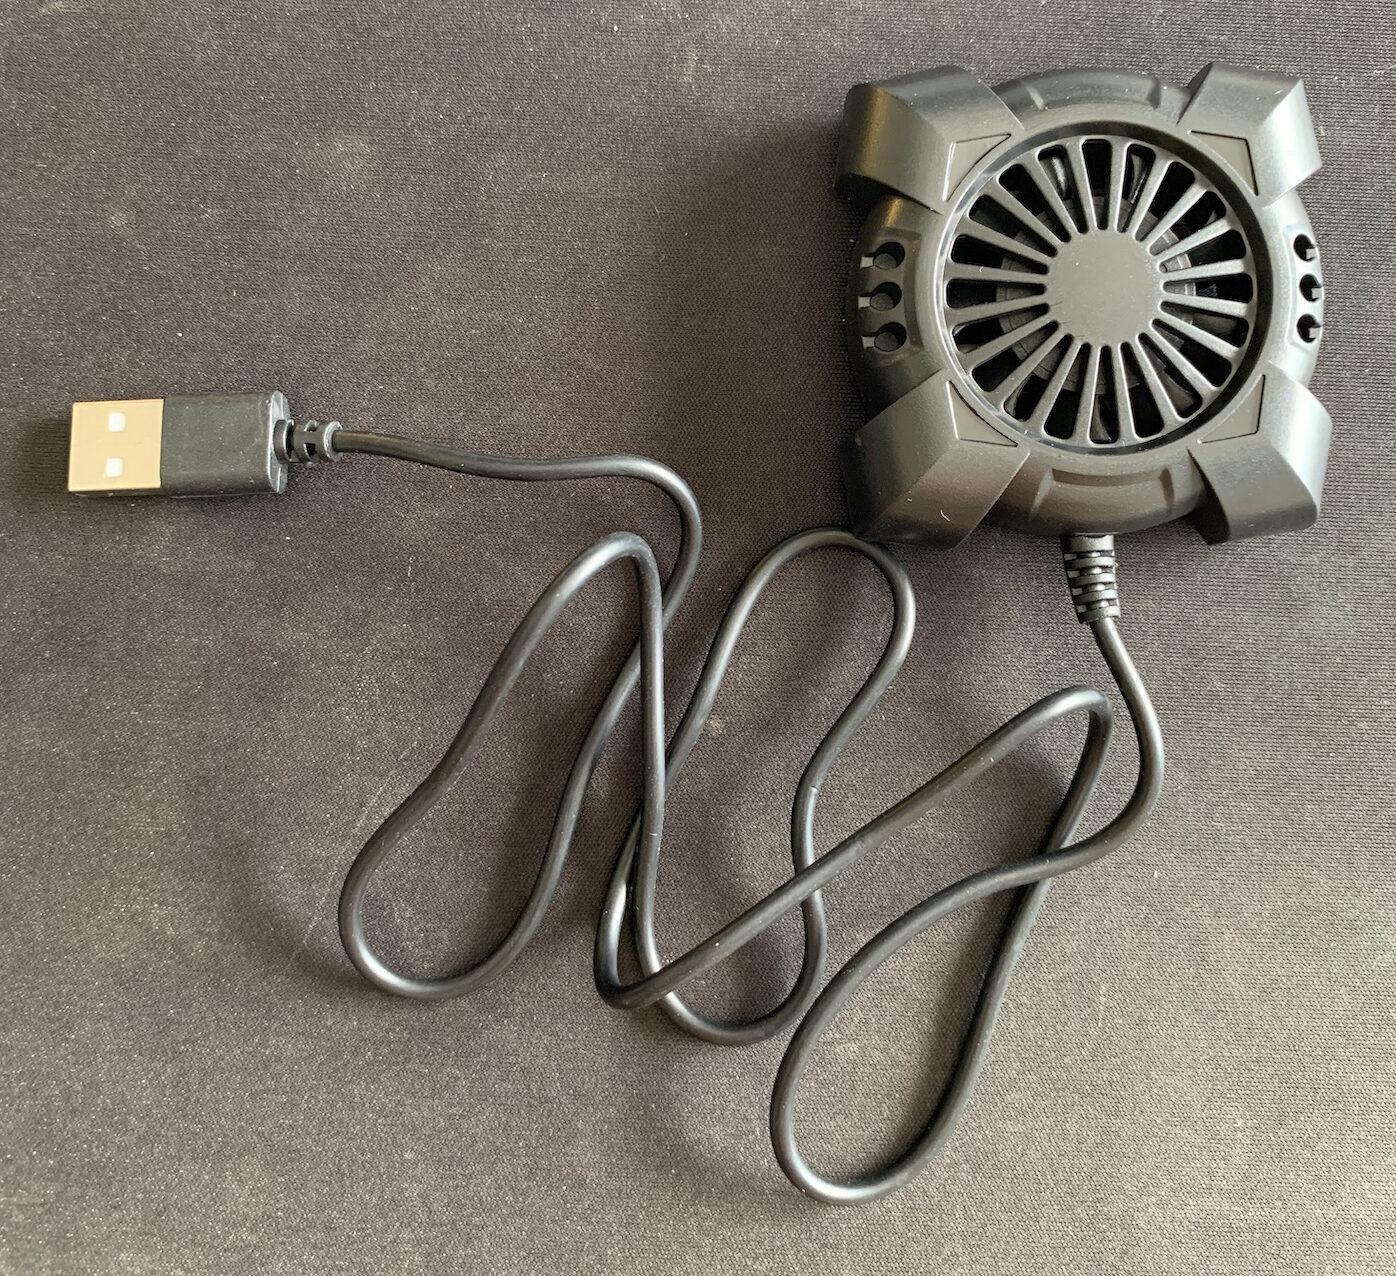 車載設置したGoProが熱くなるのでダイソーで買った100円の扇風機をつけてみた